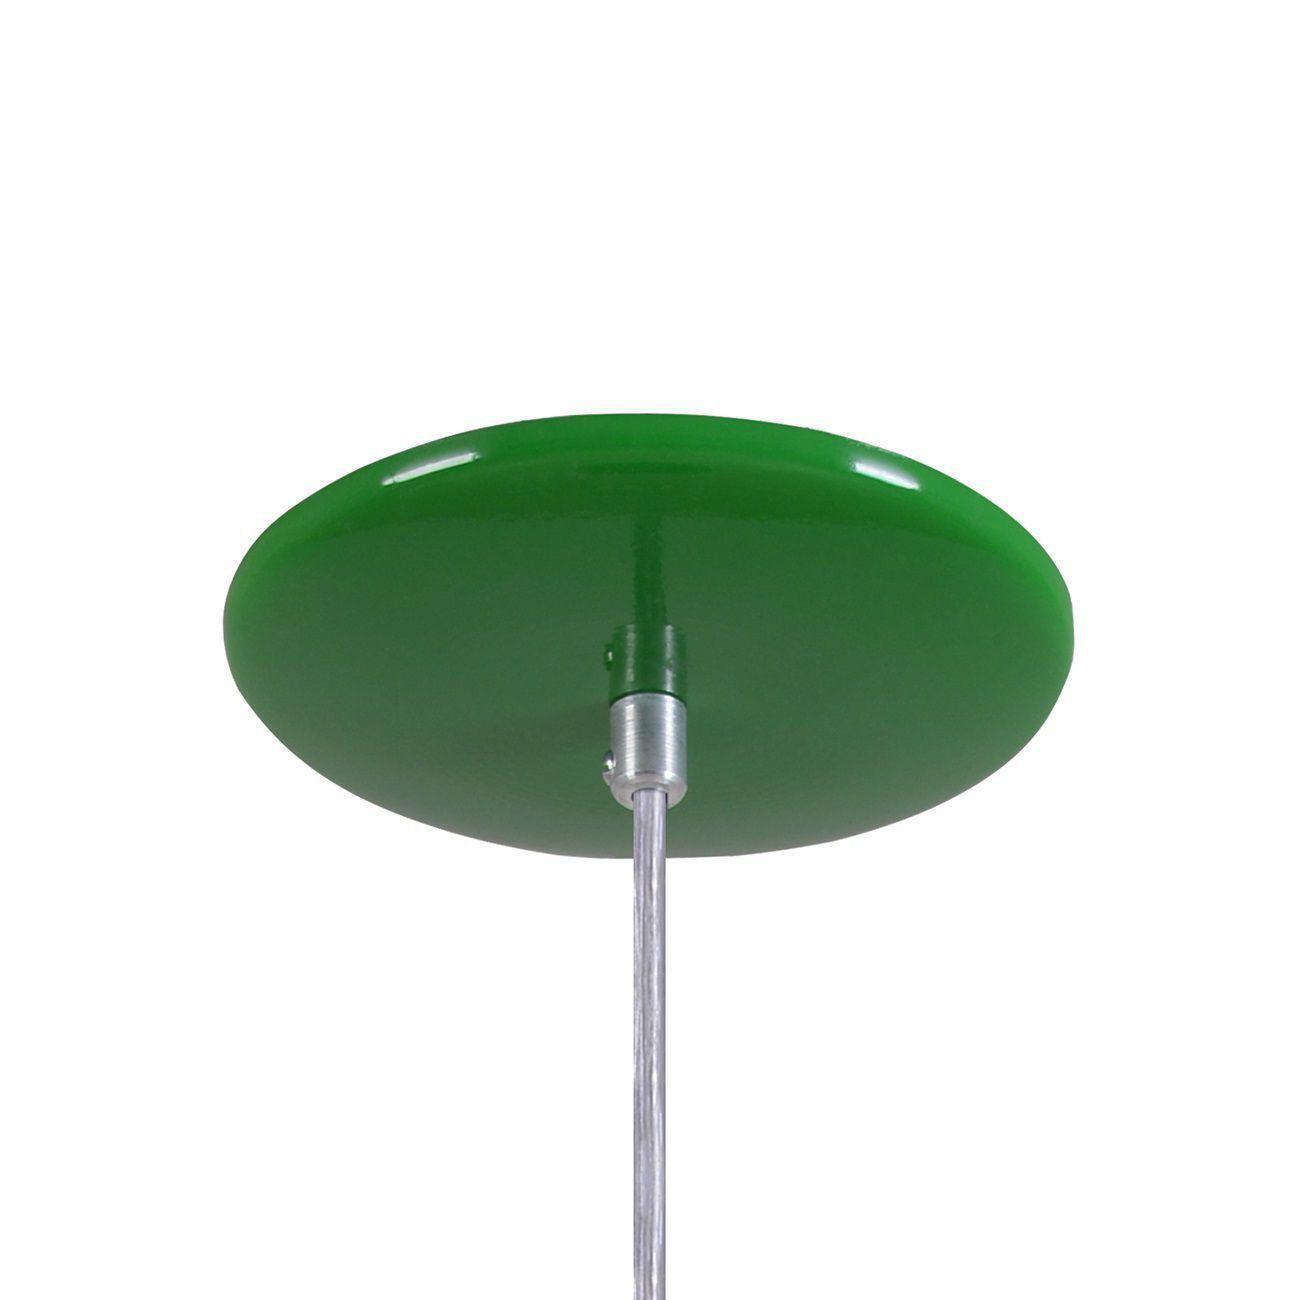 Pendente Gota Teat Luminária Lustre Alumínio Verde - Rei Da Iluminação